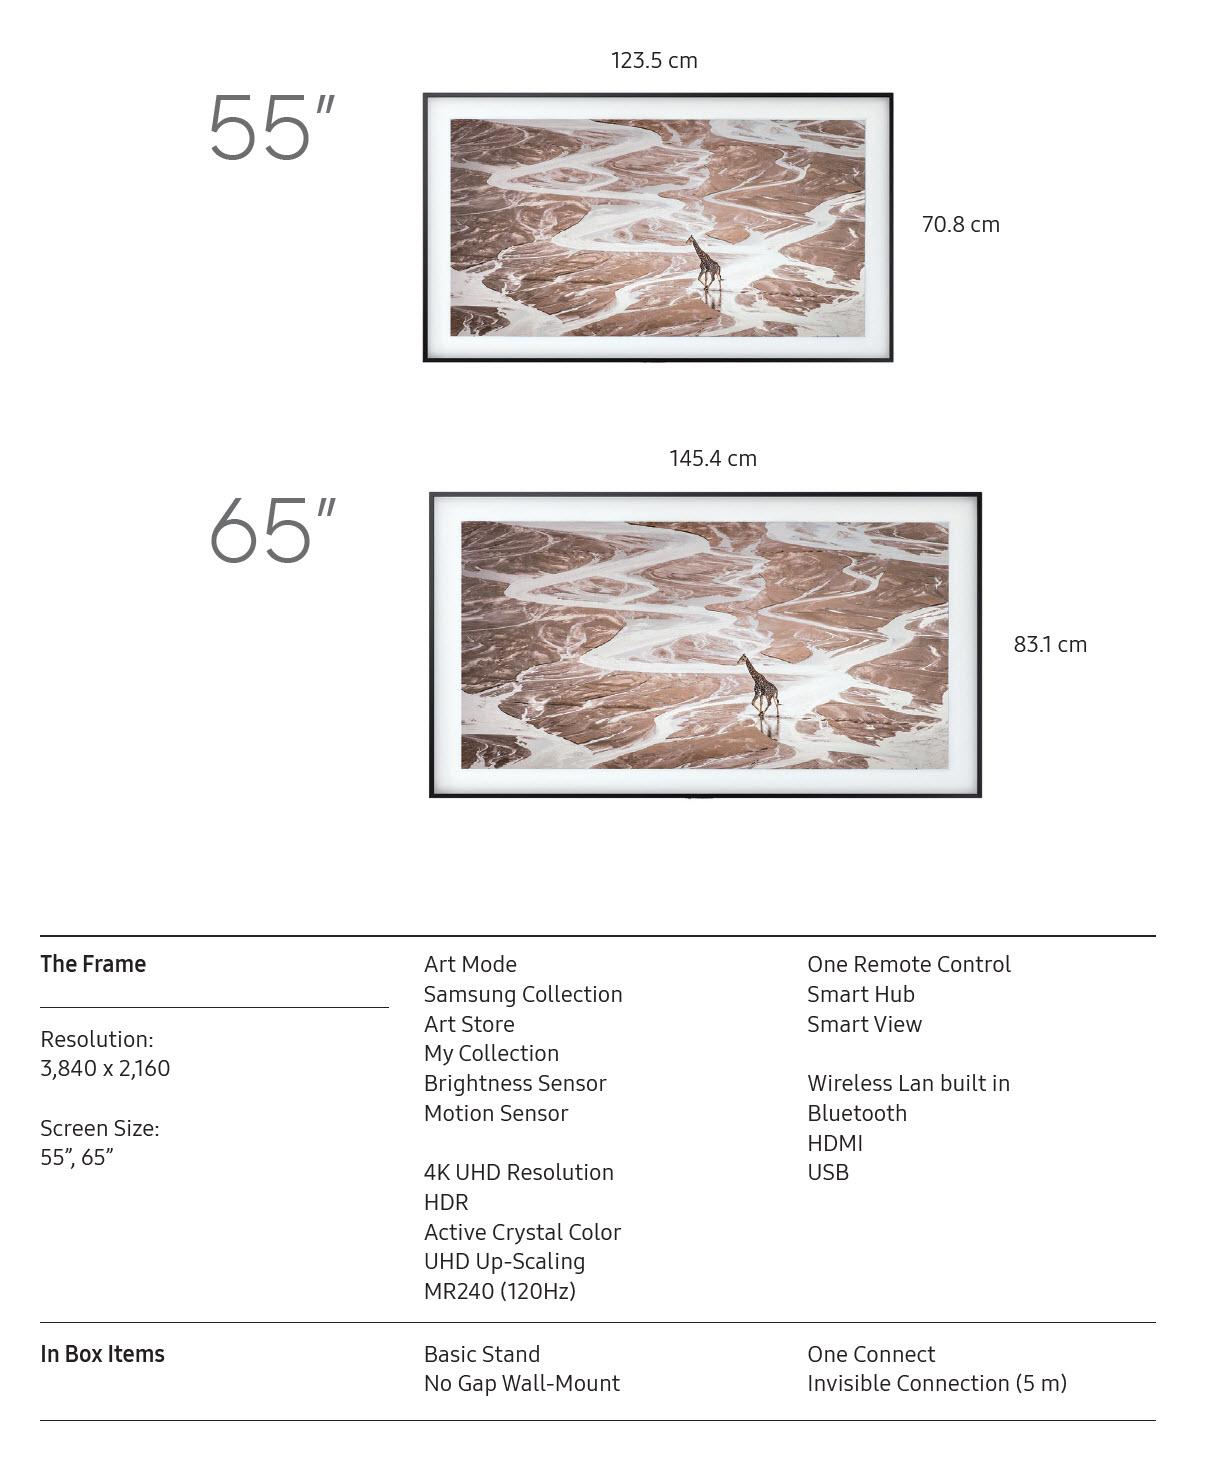 framed-art-tv-specifications